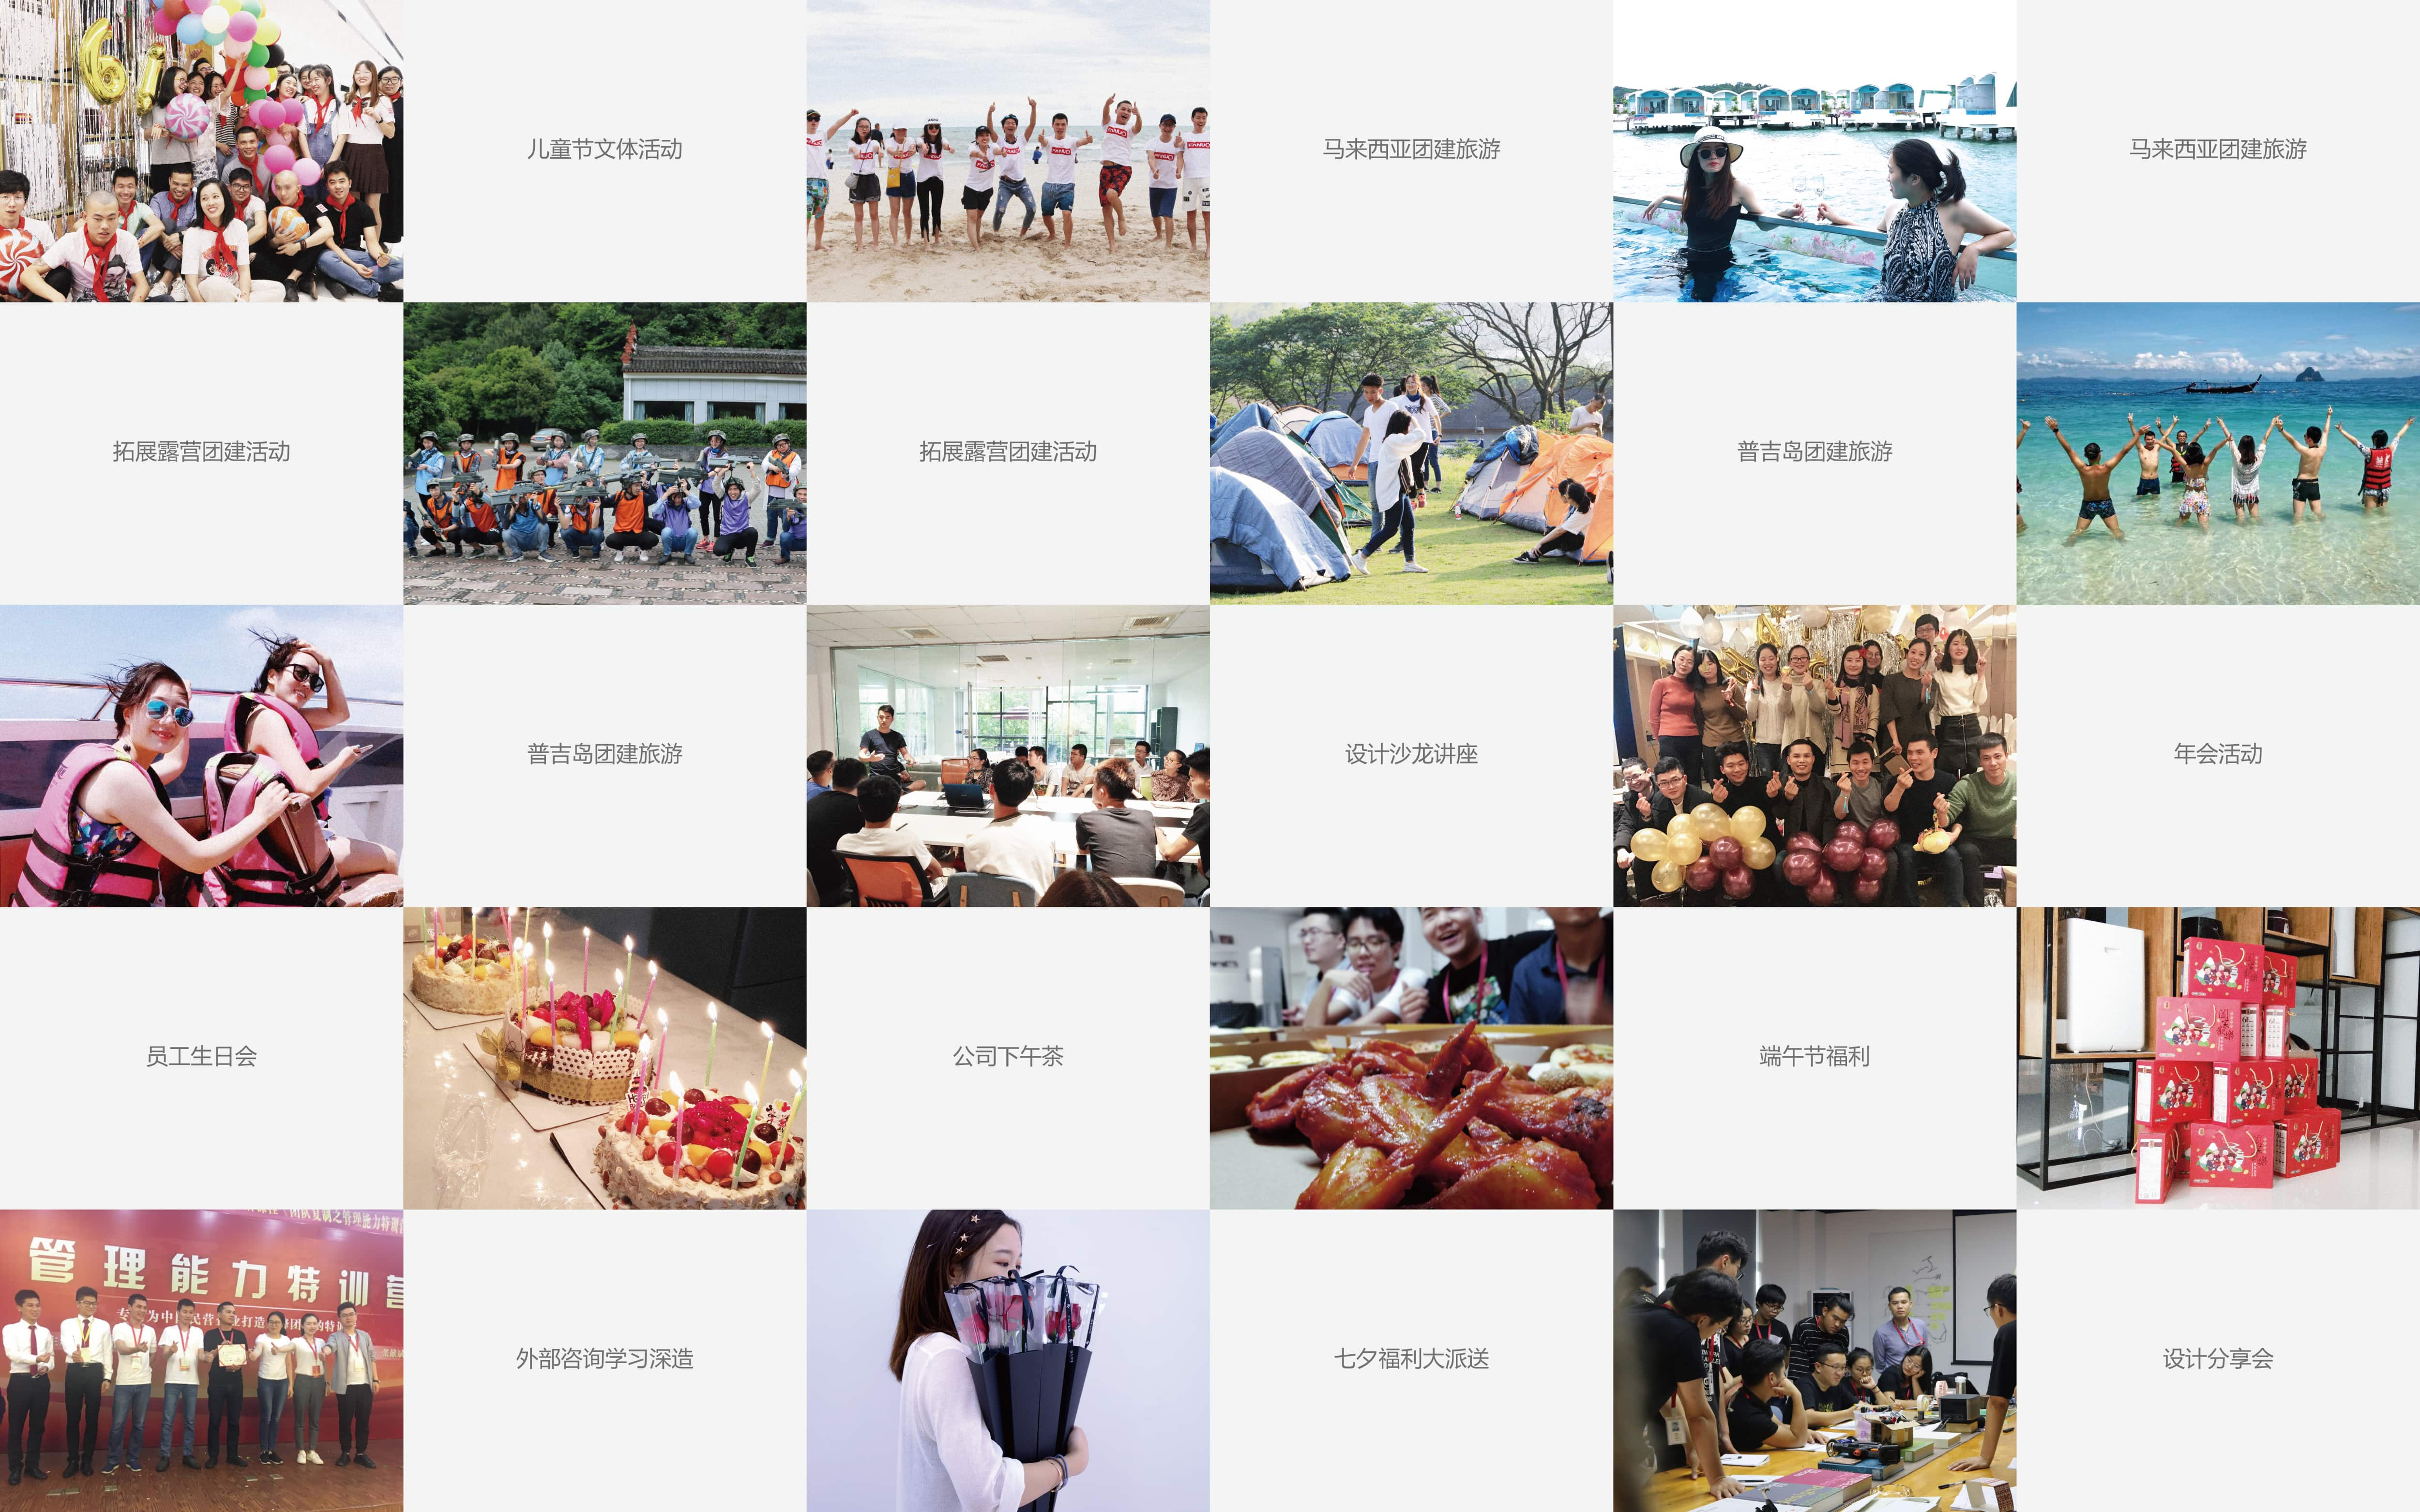 福利-02-min.jpg